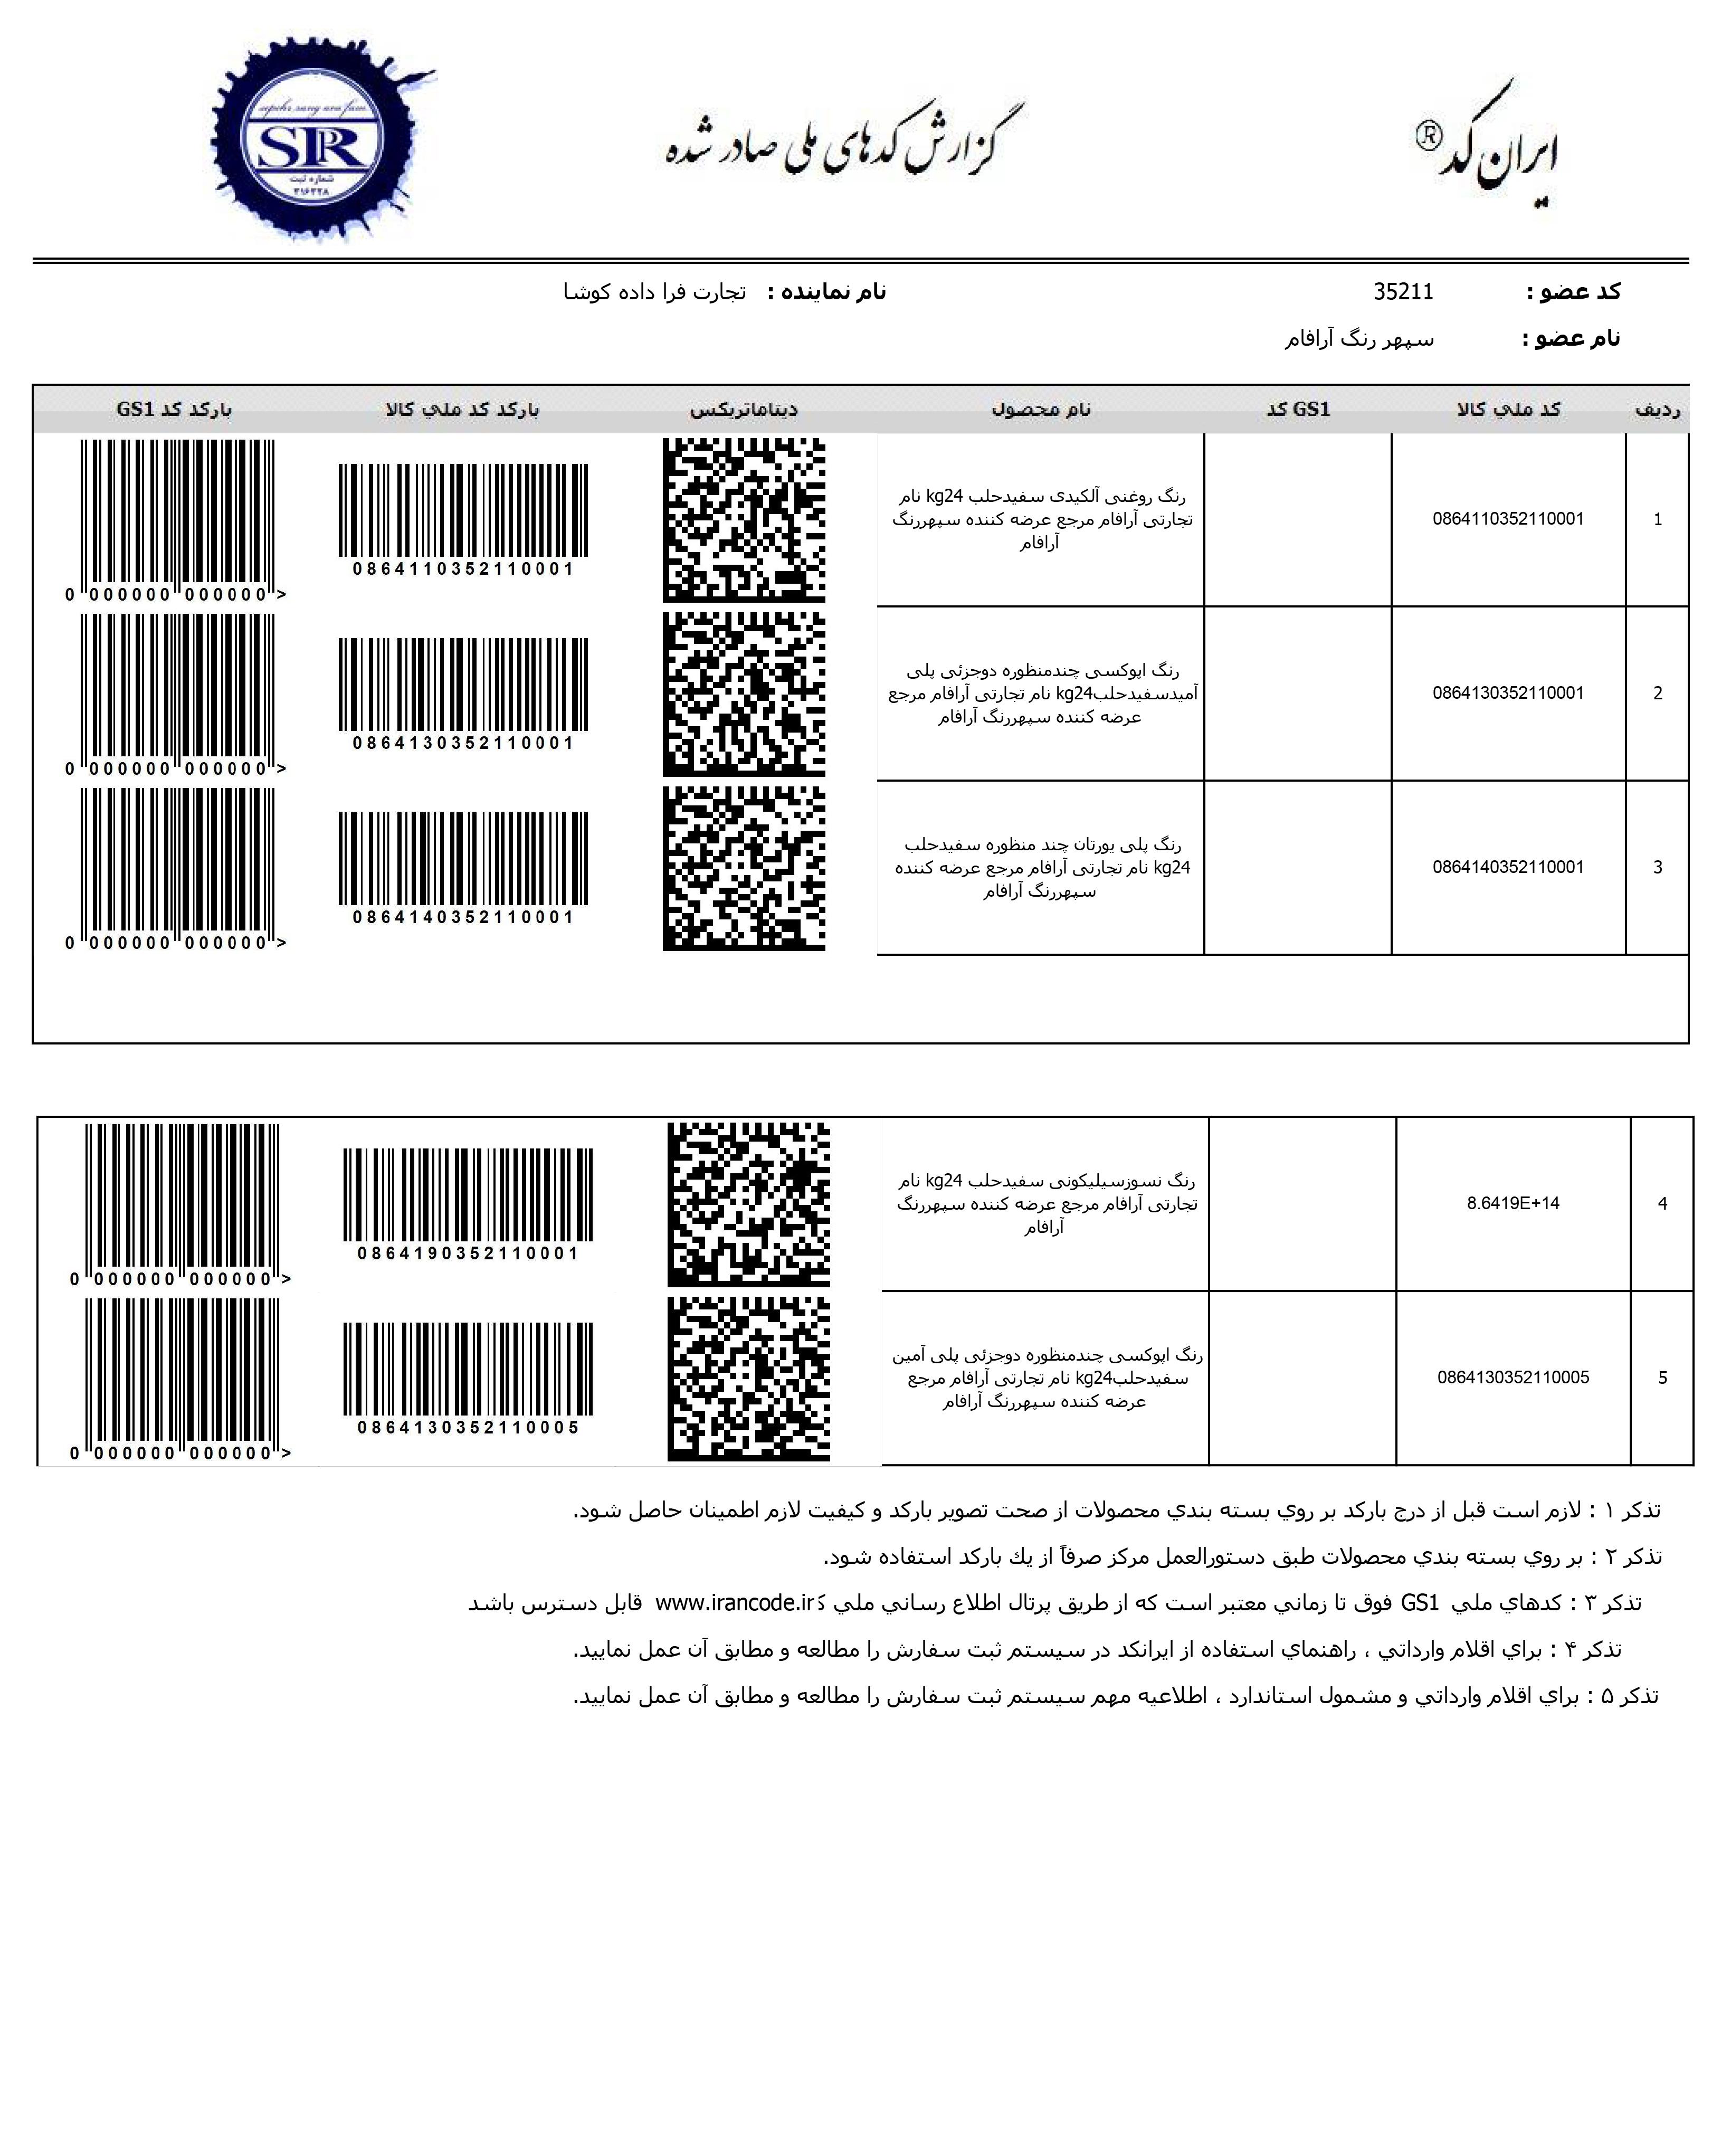 گزارش کدهای ملی صادر شده